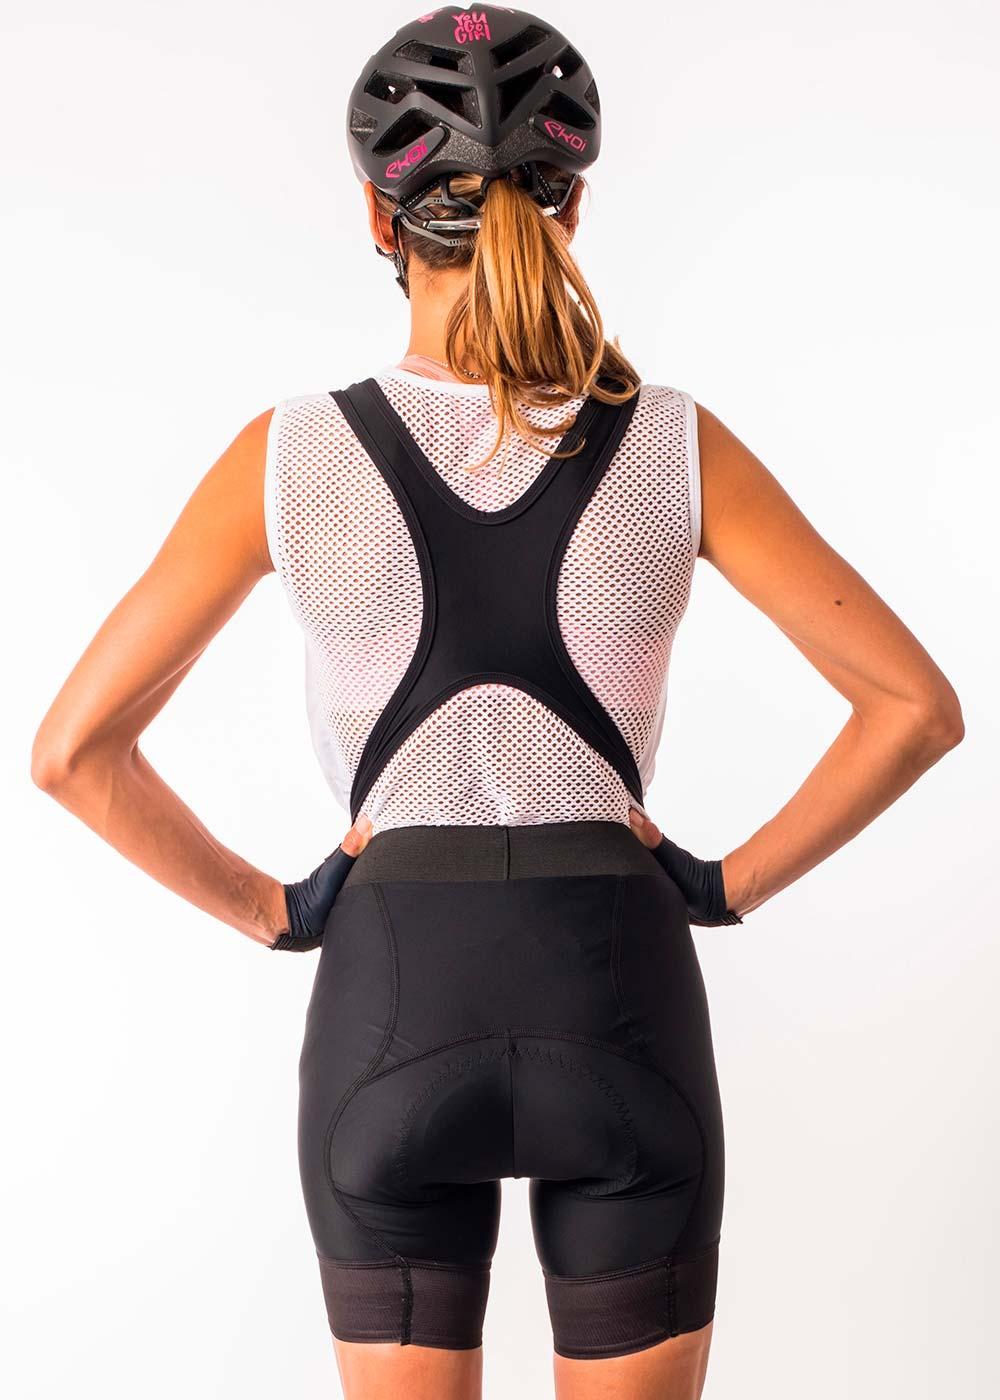 En TodoMountainBike: Badana específica según el peso de la ciclista y tirantes desmontables para el culotte Ekoï Lady Pro Gel Memory